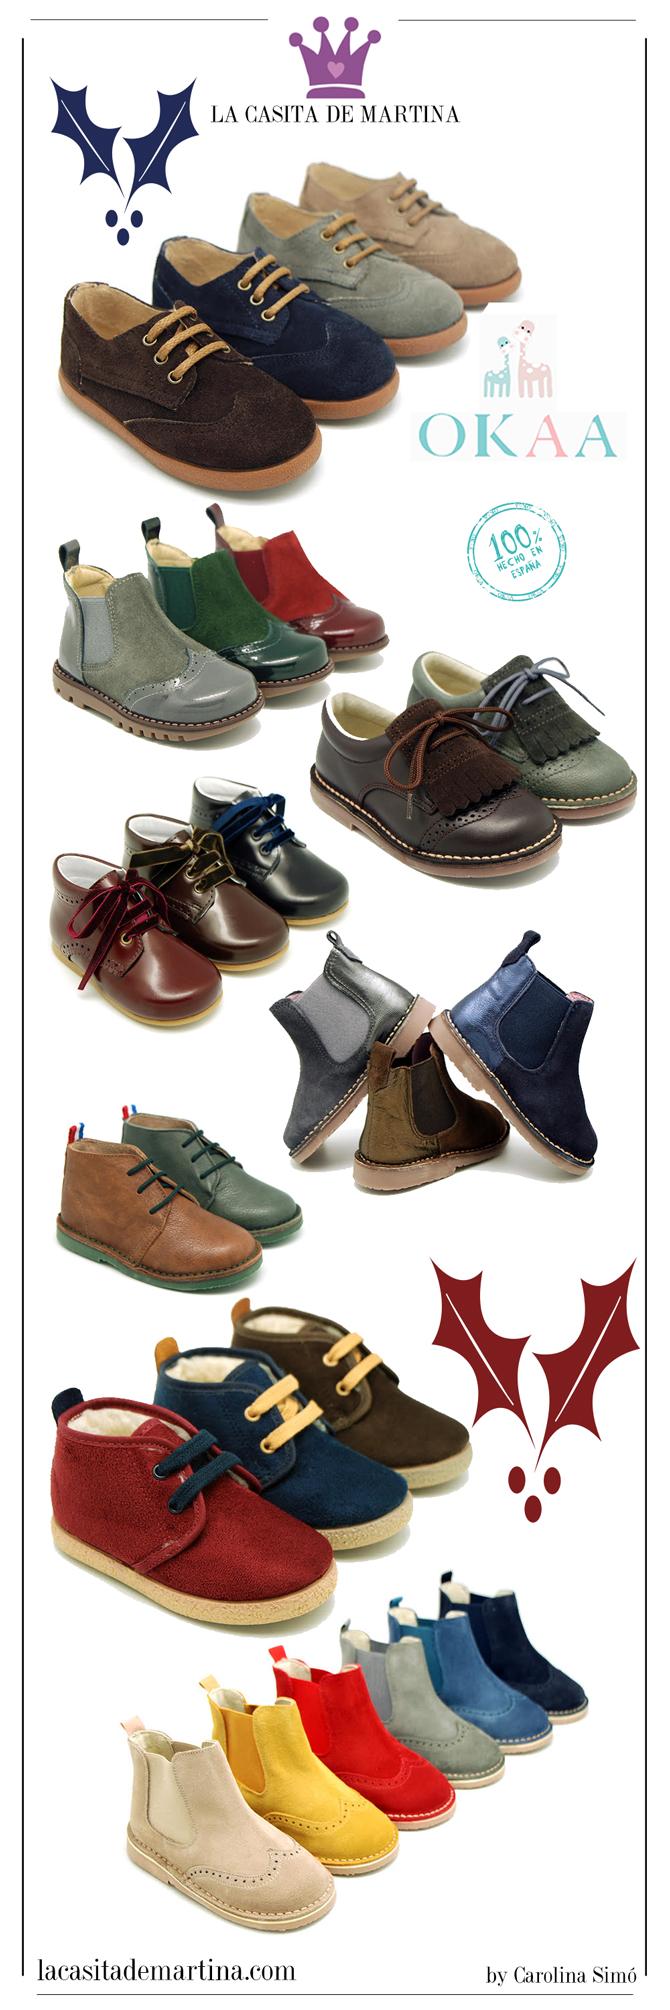 El calzado infantil para esta navidad es de okaaspain for La casita de martina